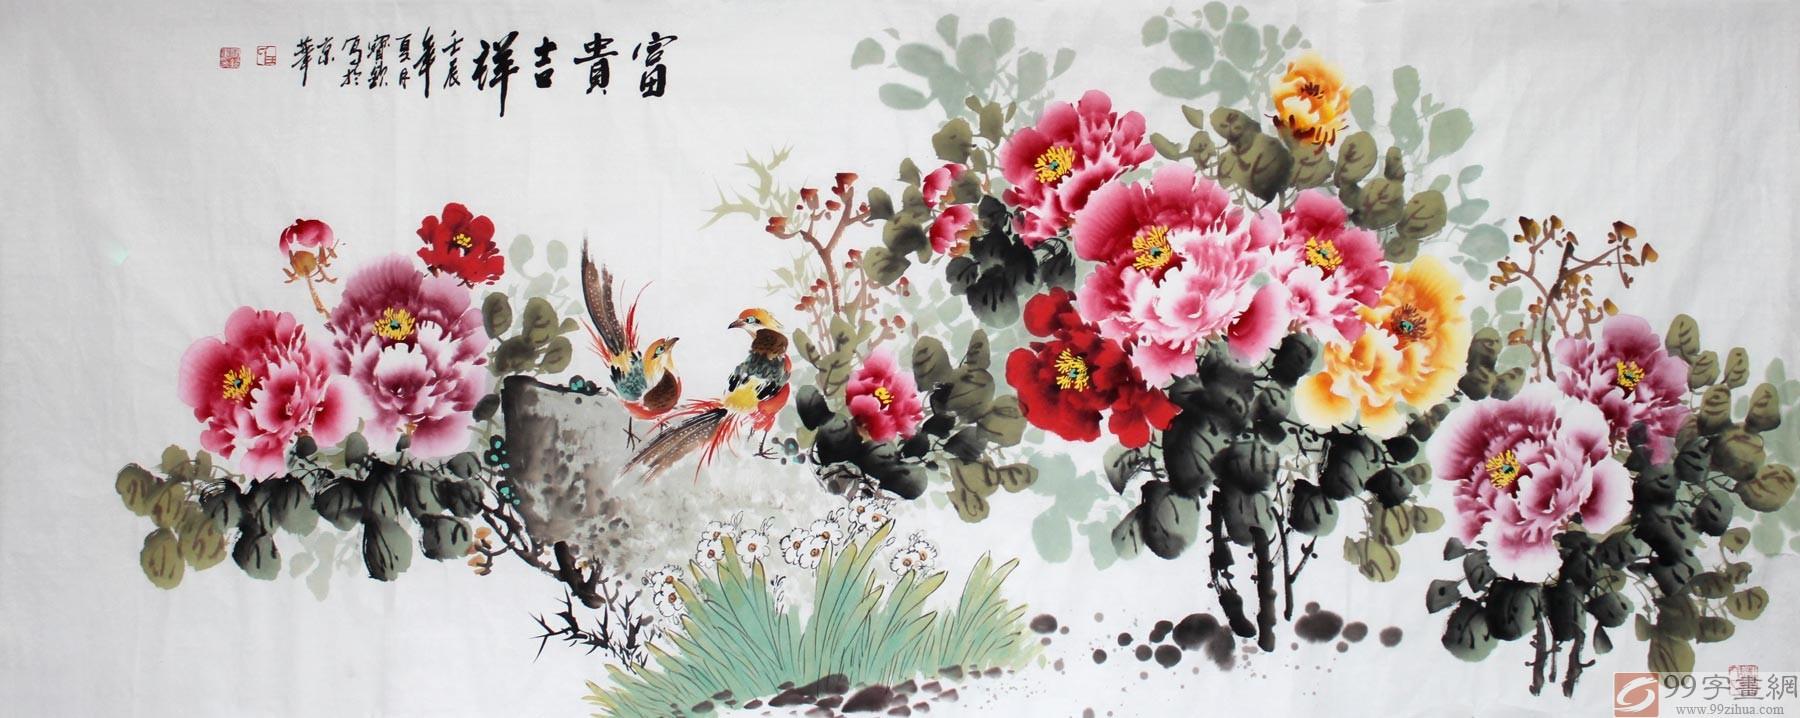 写意国画牡丹作品欣赏